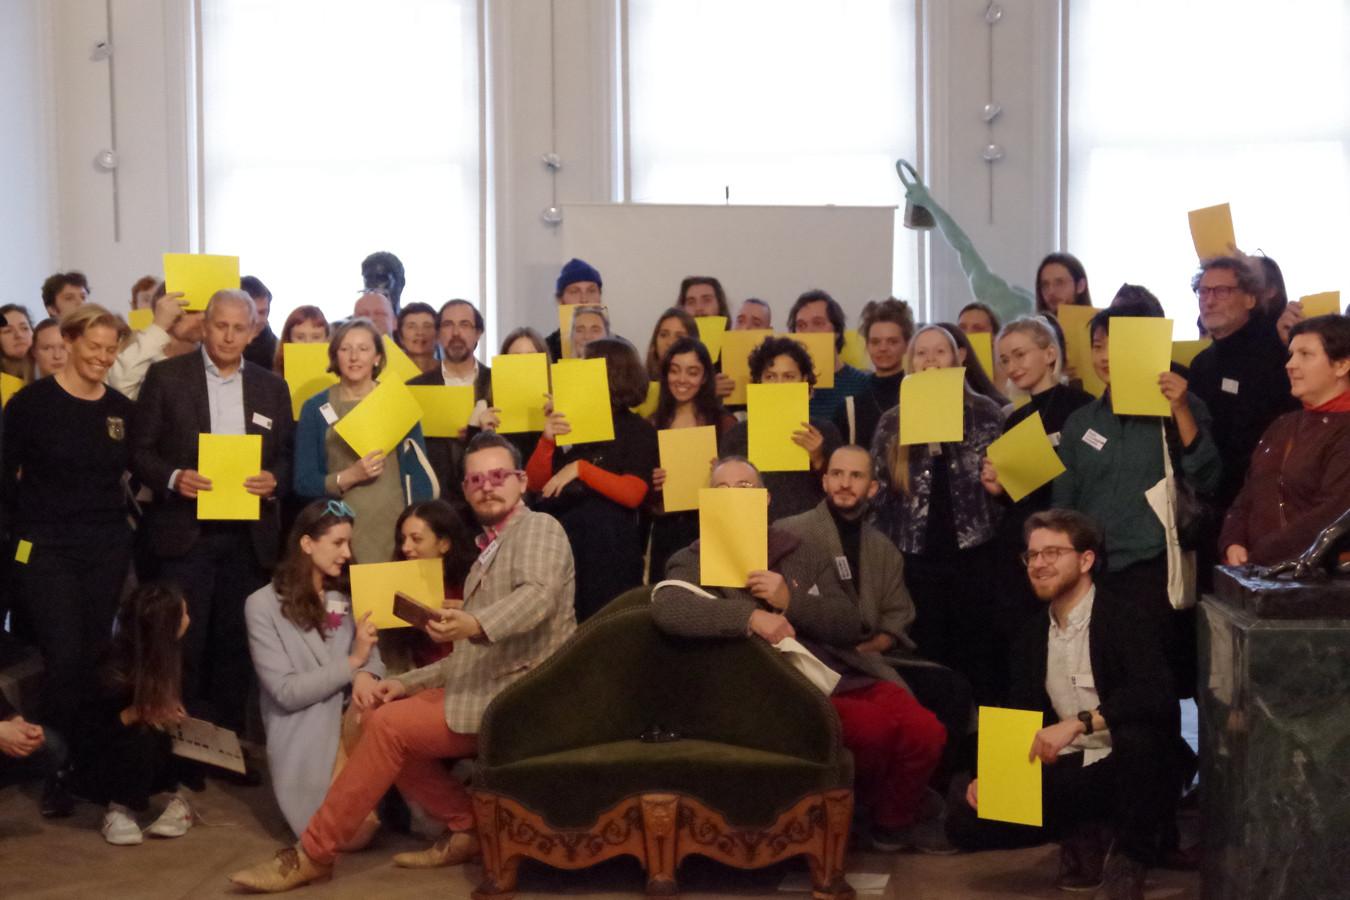 De deelnemers protesteren ook tegen de verlaging van de projectsubsidies door een geel blad voor hun gezicht te houden